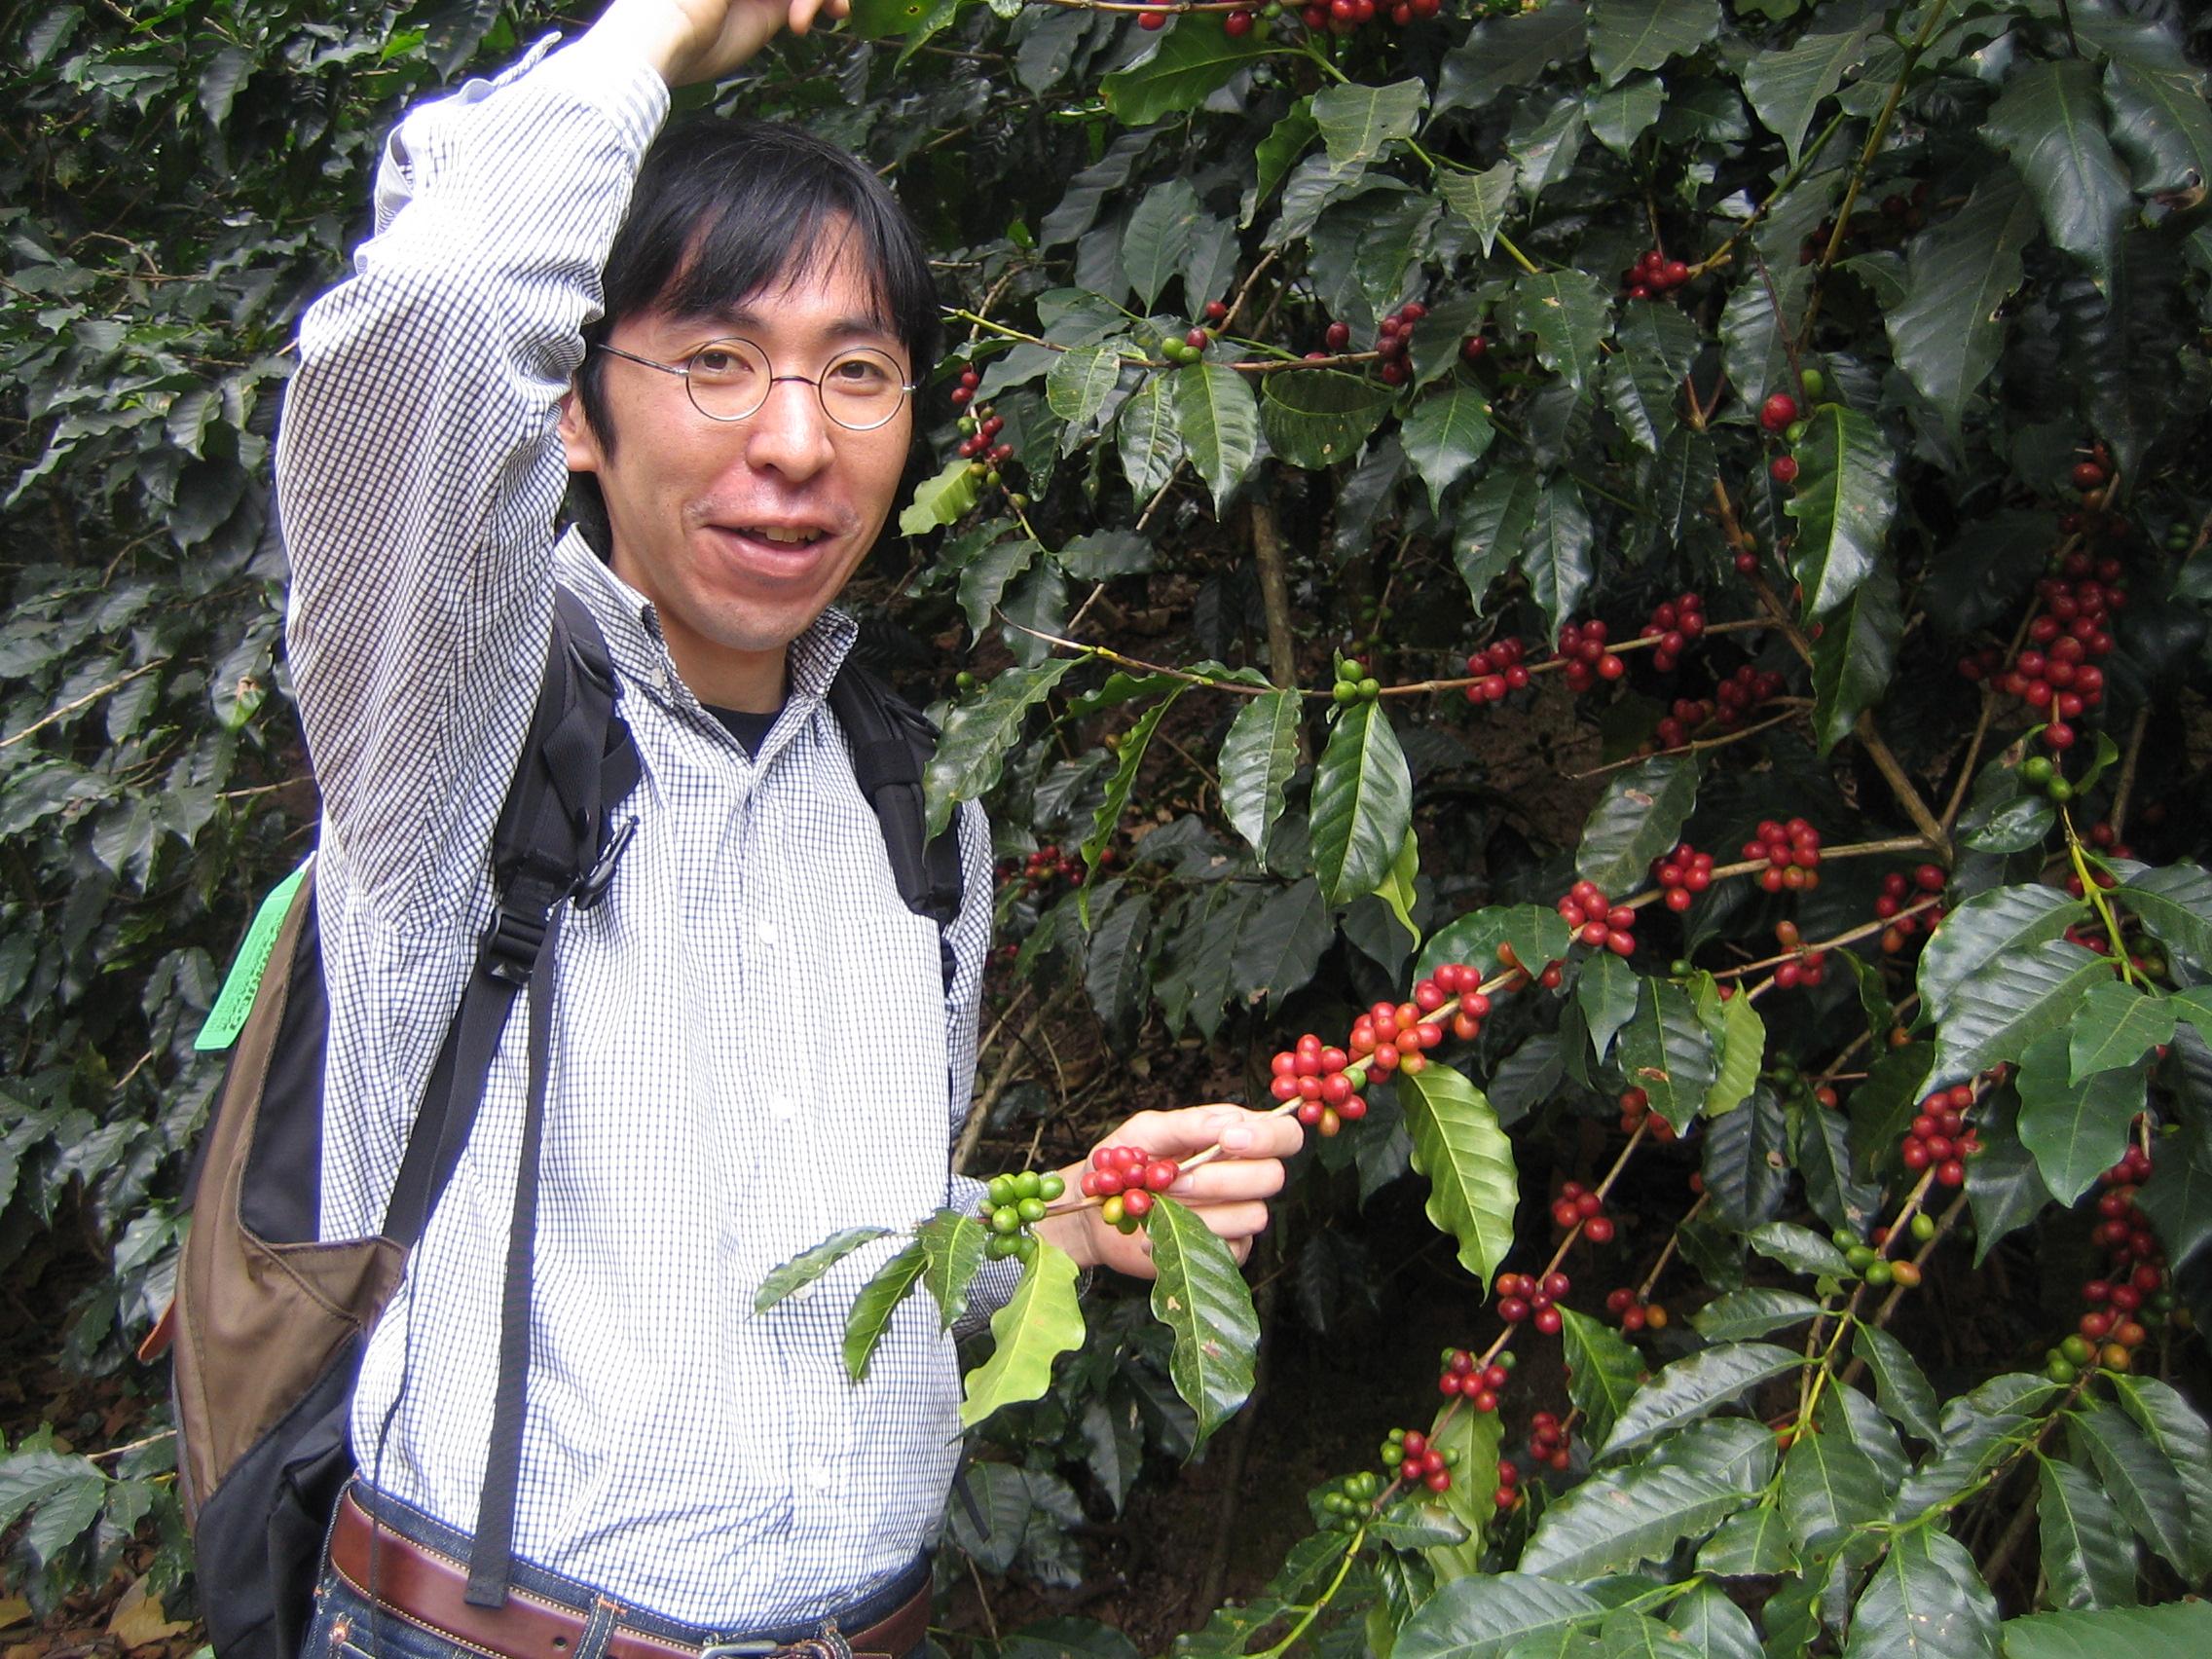 自家焙煎コーヒーの先駆者、カフェ・バッハの田口護氏に師事 -